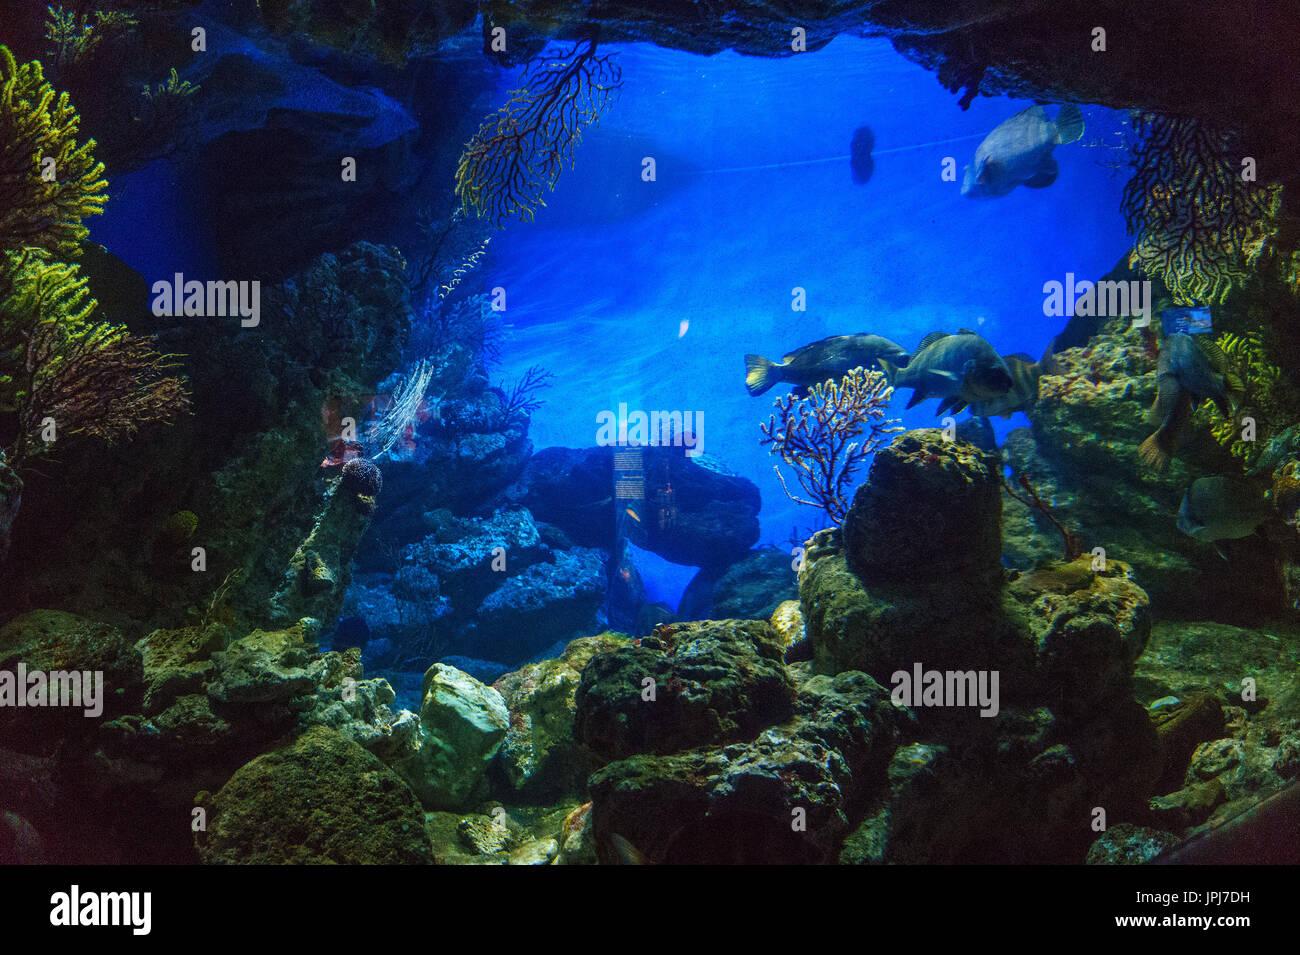 Intérieur de l'Aquarium de Barcelone (L'Aquarium de Barcelone). Son le plus grand aquarium thématique de la méditerranée, situé dans le Port Vell. Photo Stock